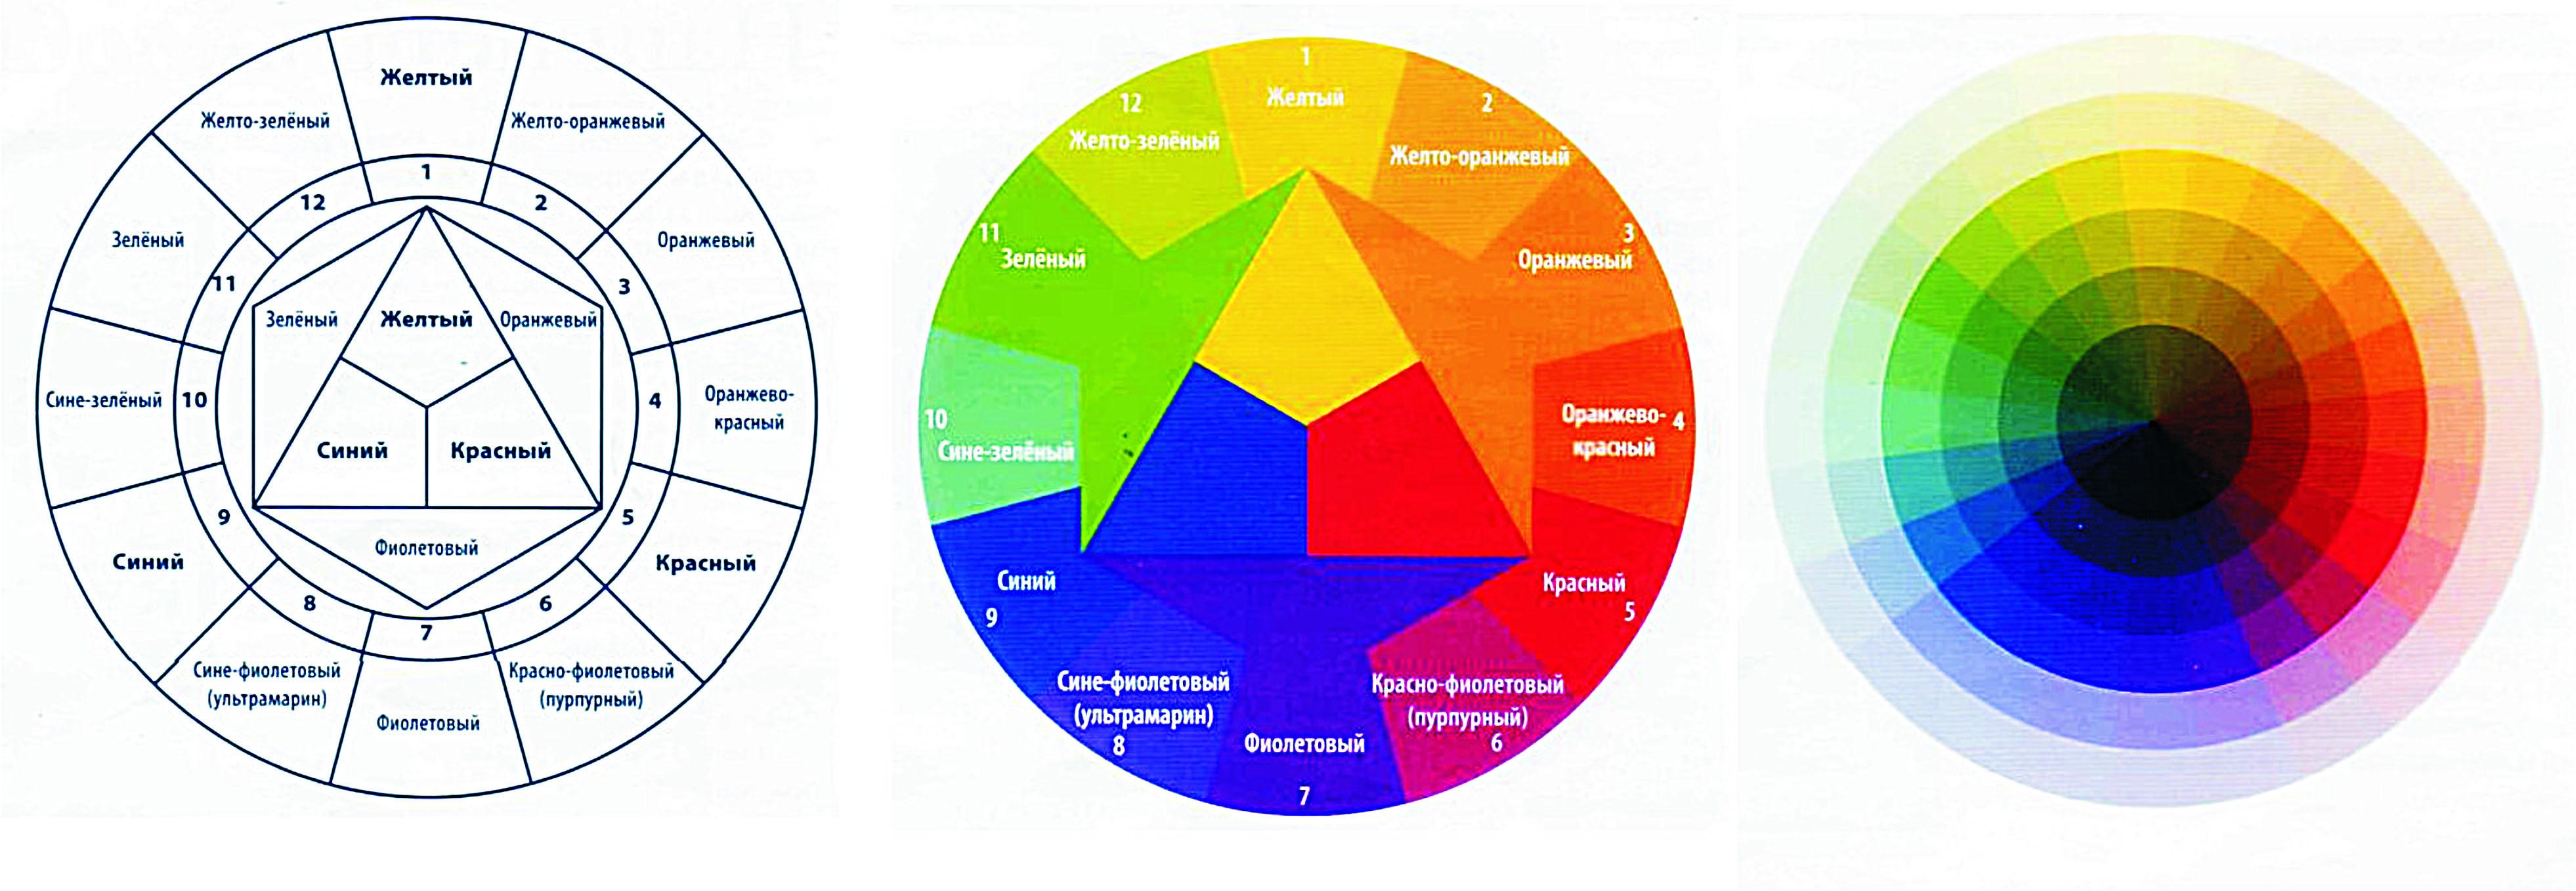 Как использовать времена года при выборе цвета в интерьере